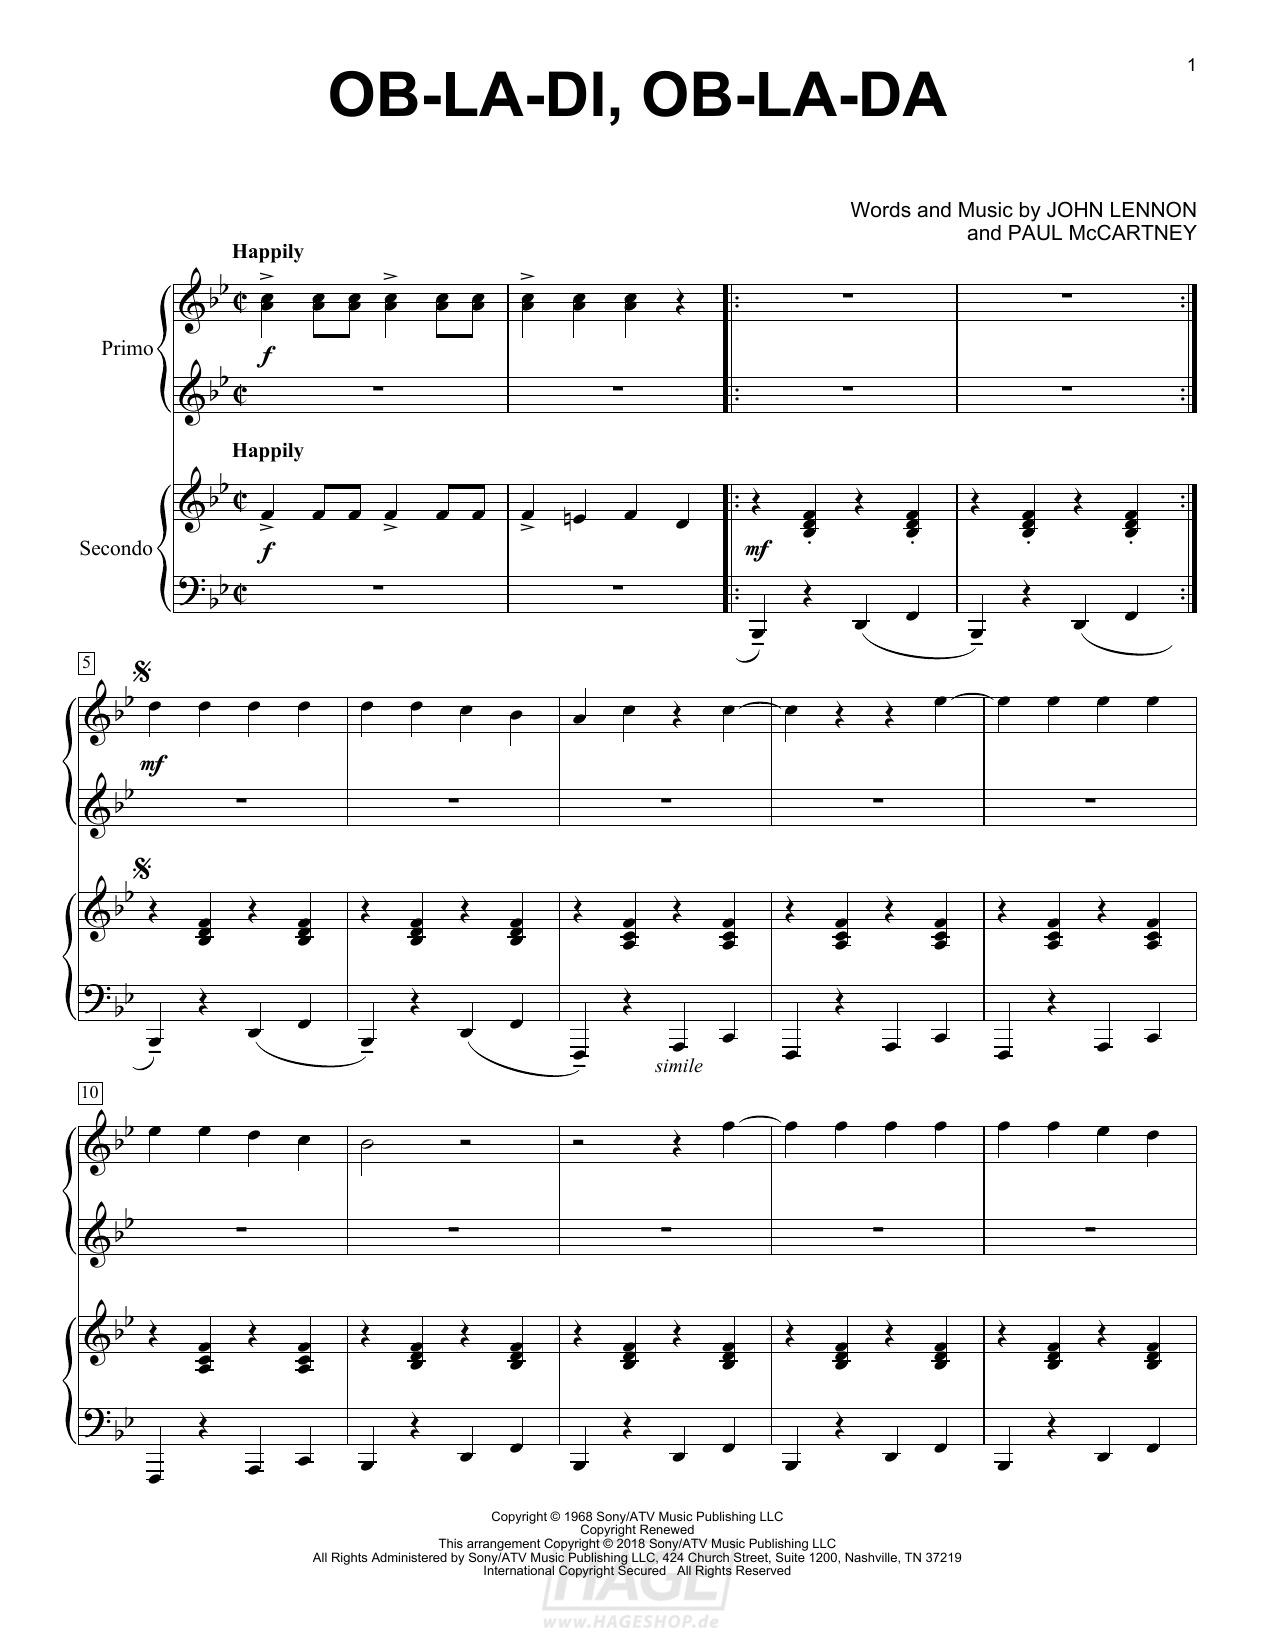 Ob-La-Di, Ob-La-Da - The Beatles - Noten Druckvorschau